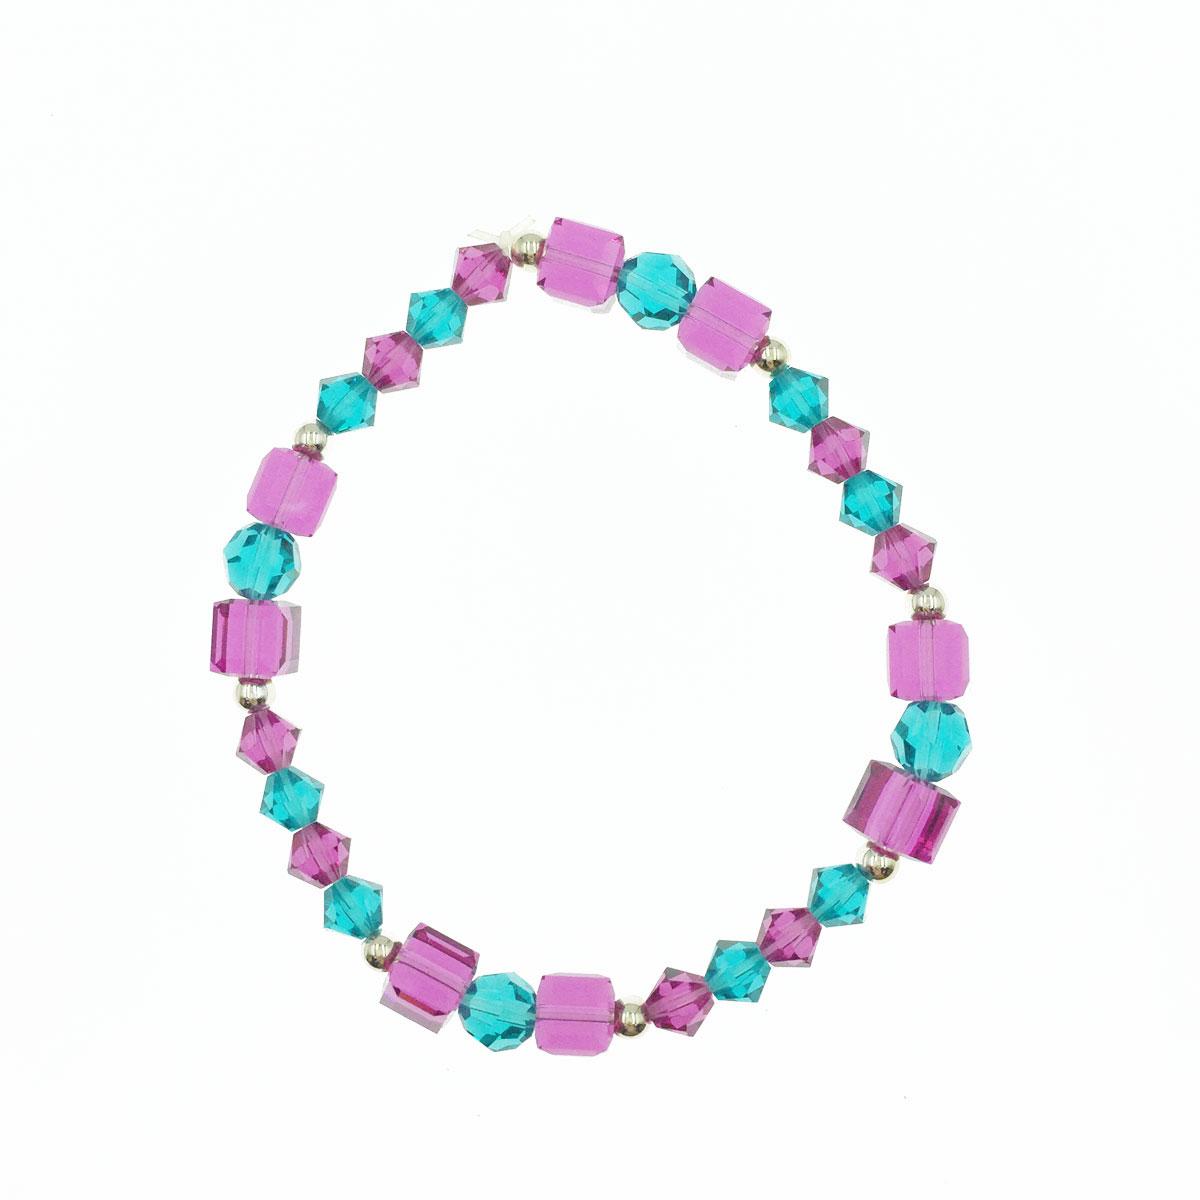 方塊 珠珠 小圓珠 桃紫色交替藍綠色 彈性線 手鍊 採用施華洛世奇水晶元素 Crystals from Swarovski